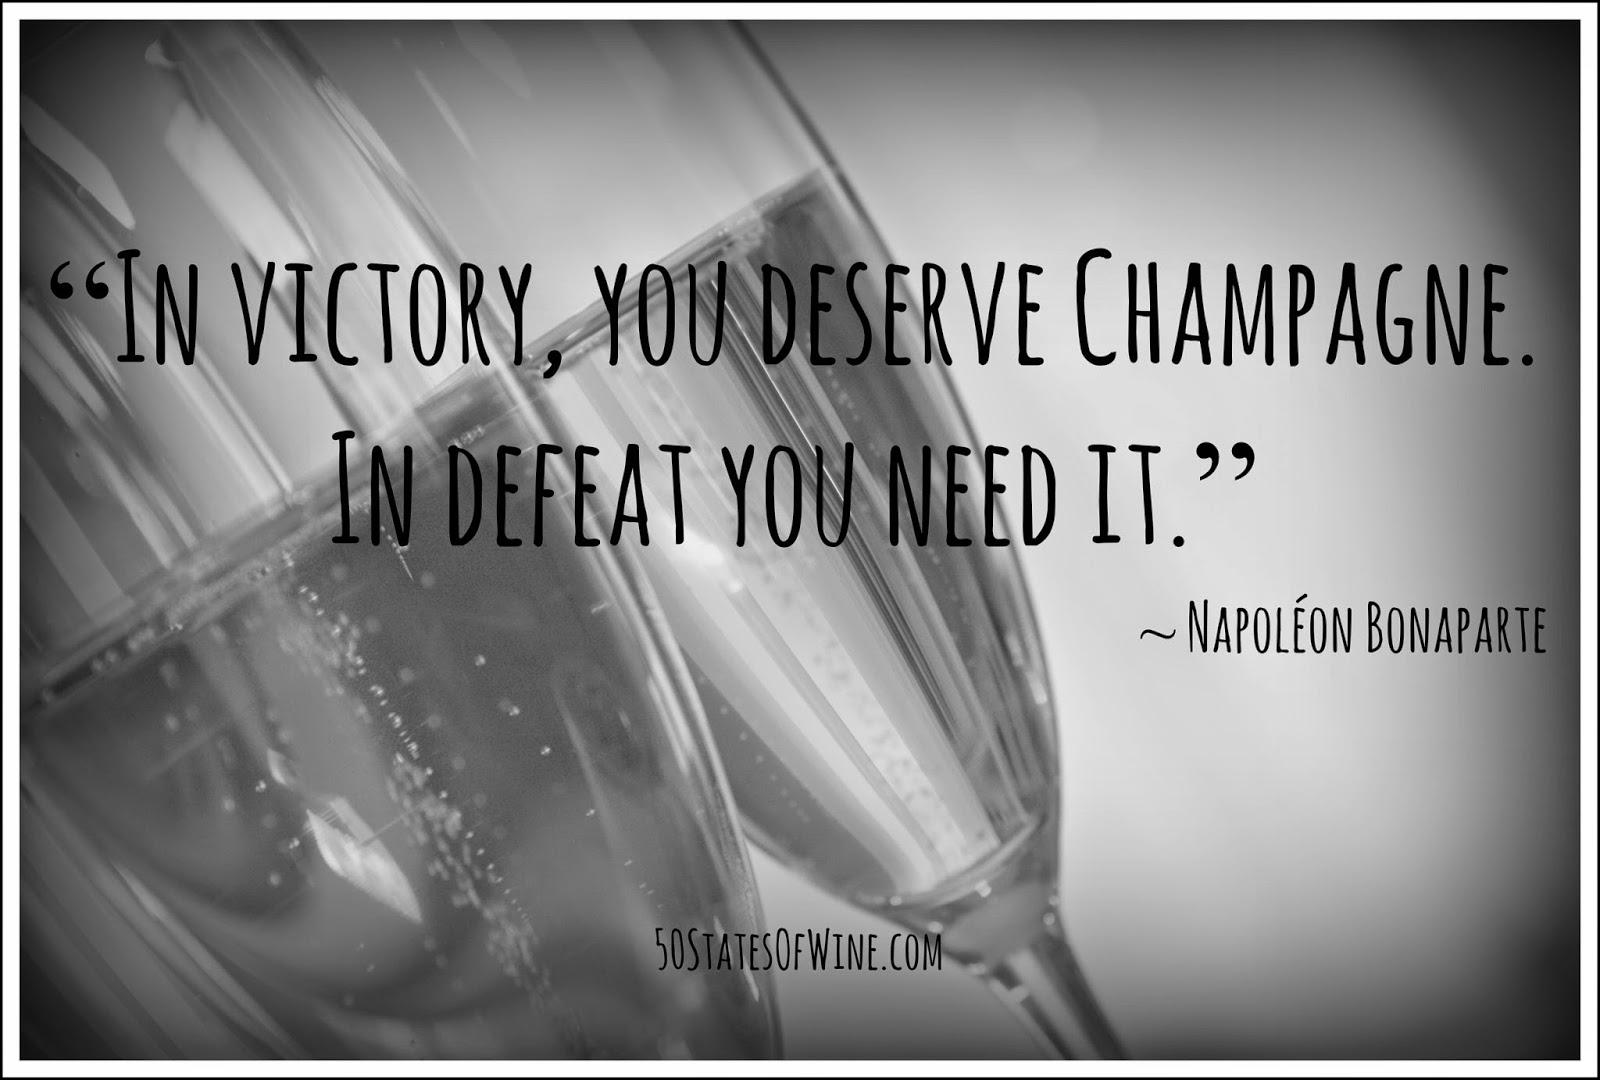 Champagne quote Napoleon